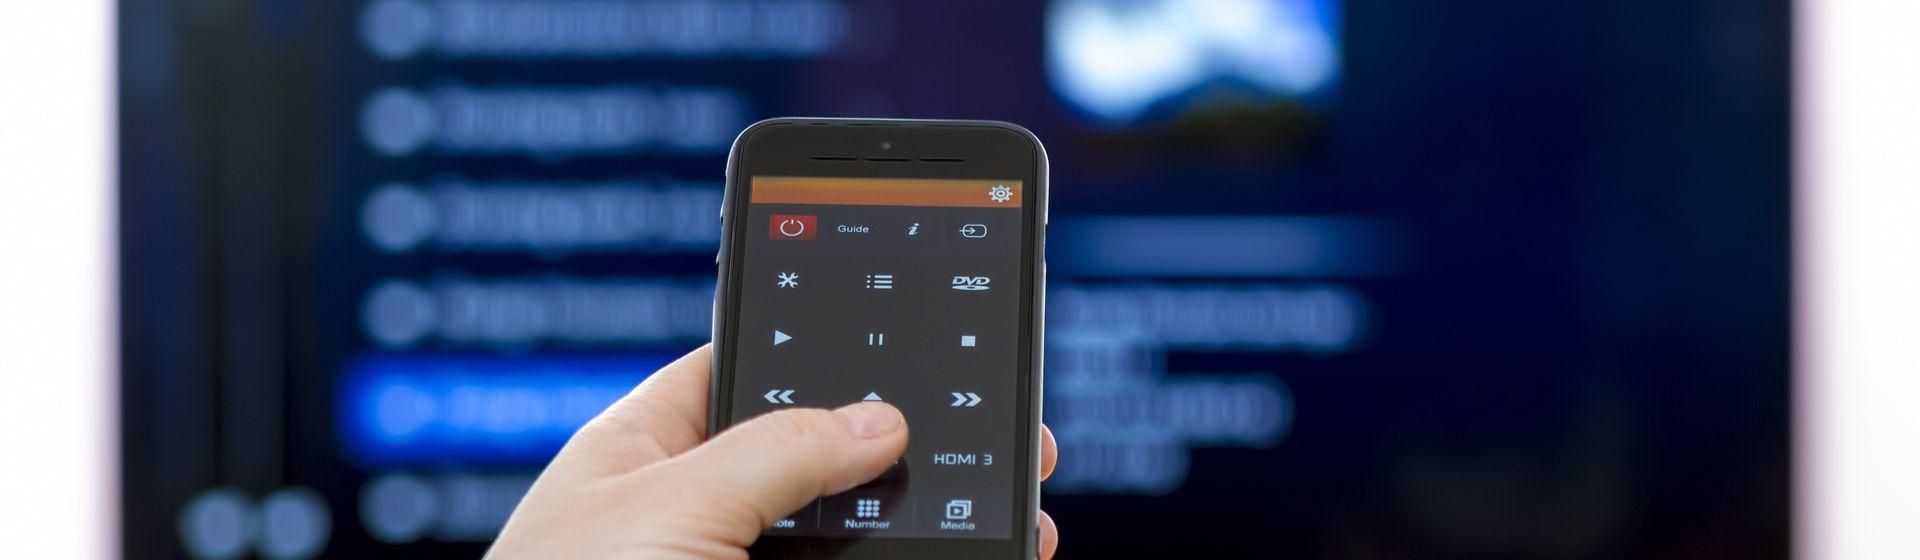 Como controlar a TV pelo celular?